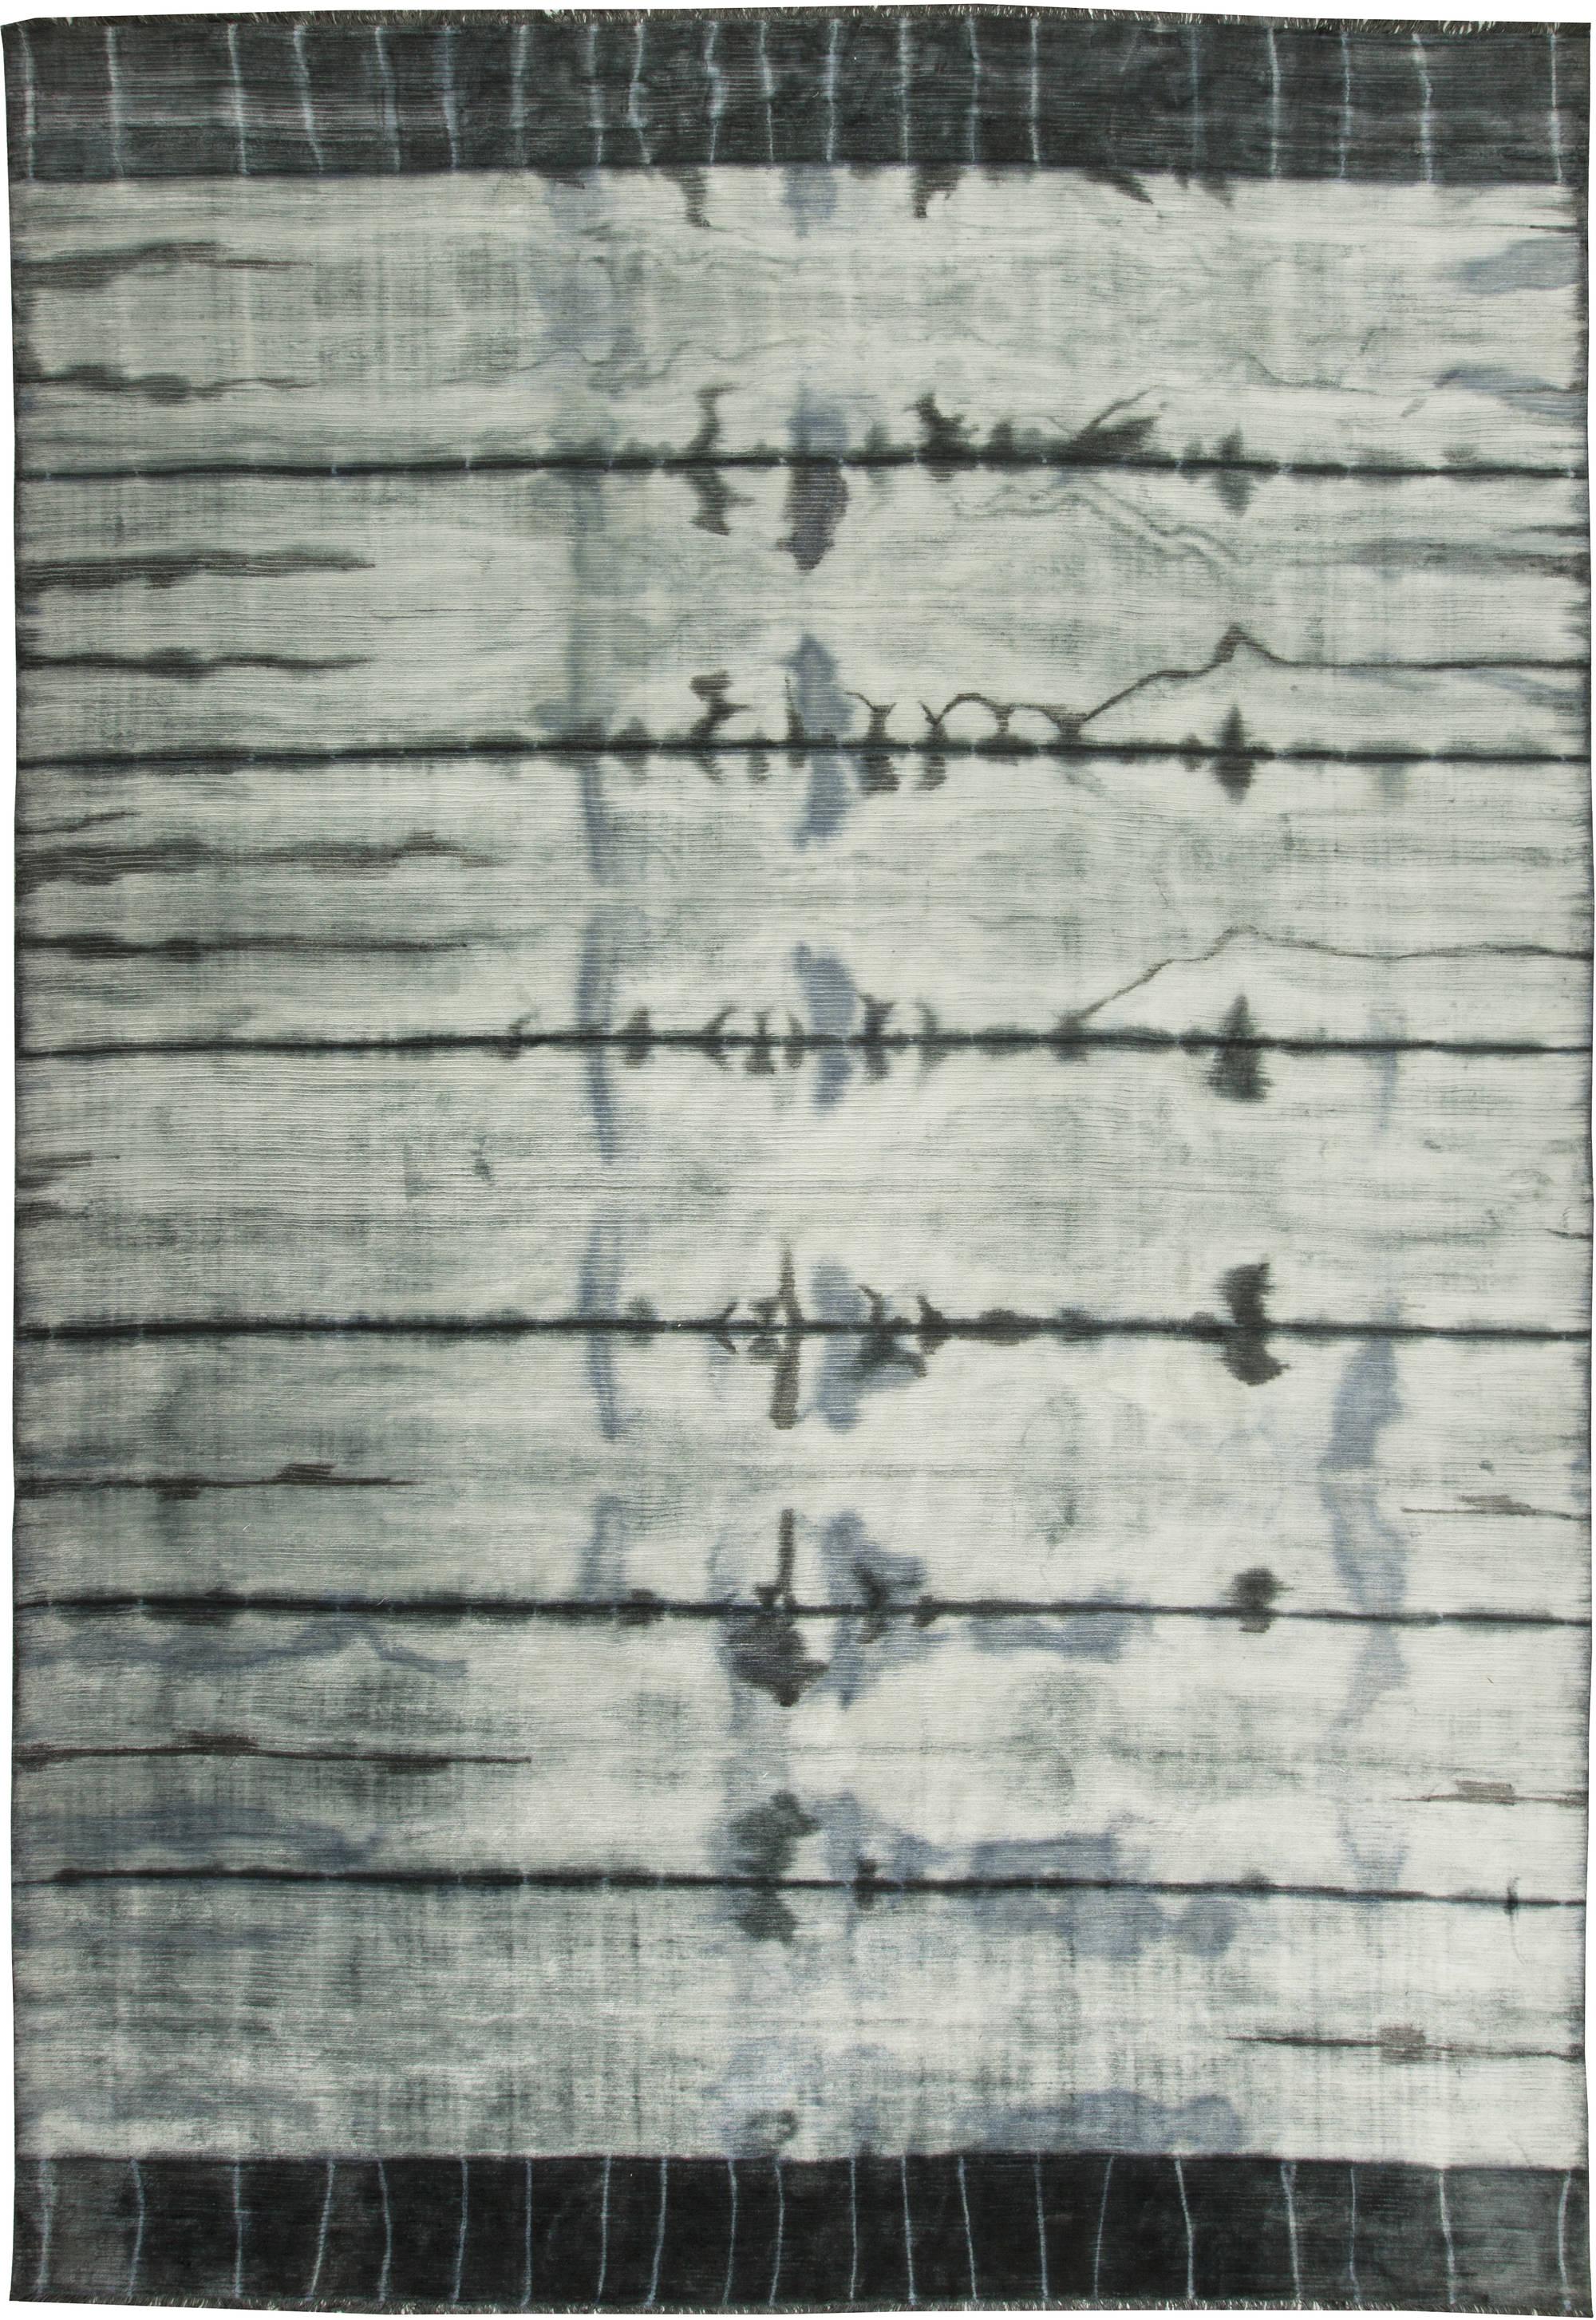 contemporary carpets mandala contemporary carpet n10849. arrow down  47161db02bae4ef92bdede423862e8f0c2b91f81311572b5a8bb90eef3001a34 NVRSHTA